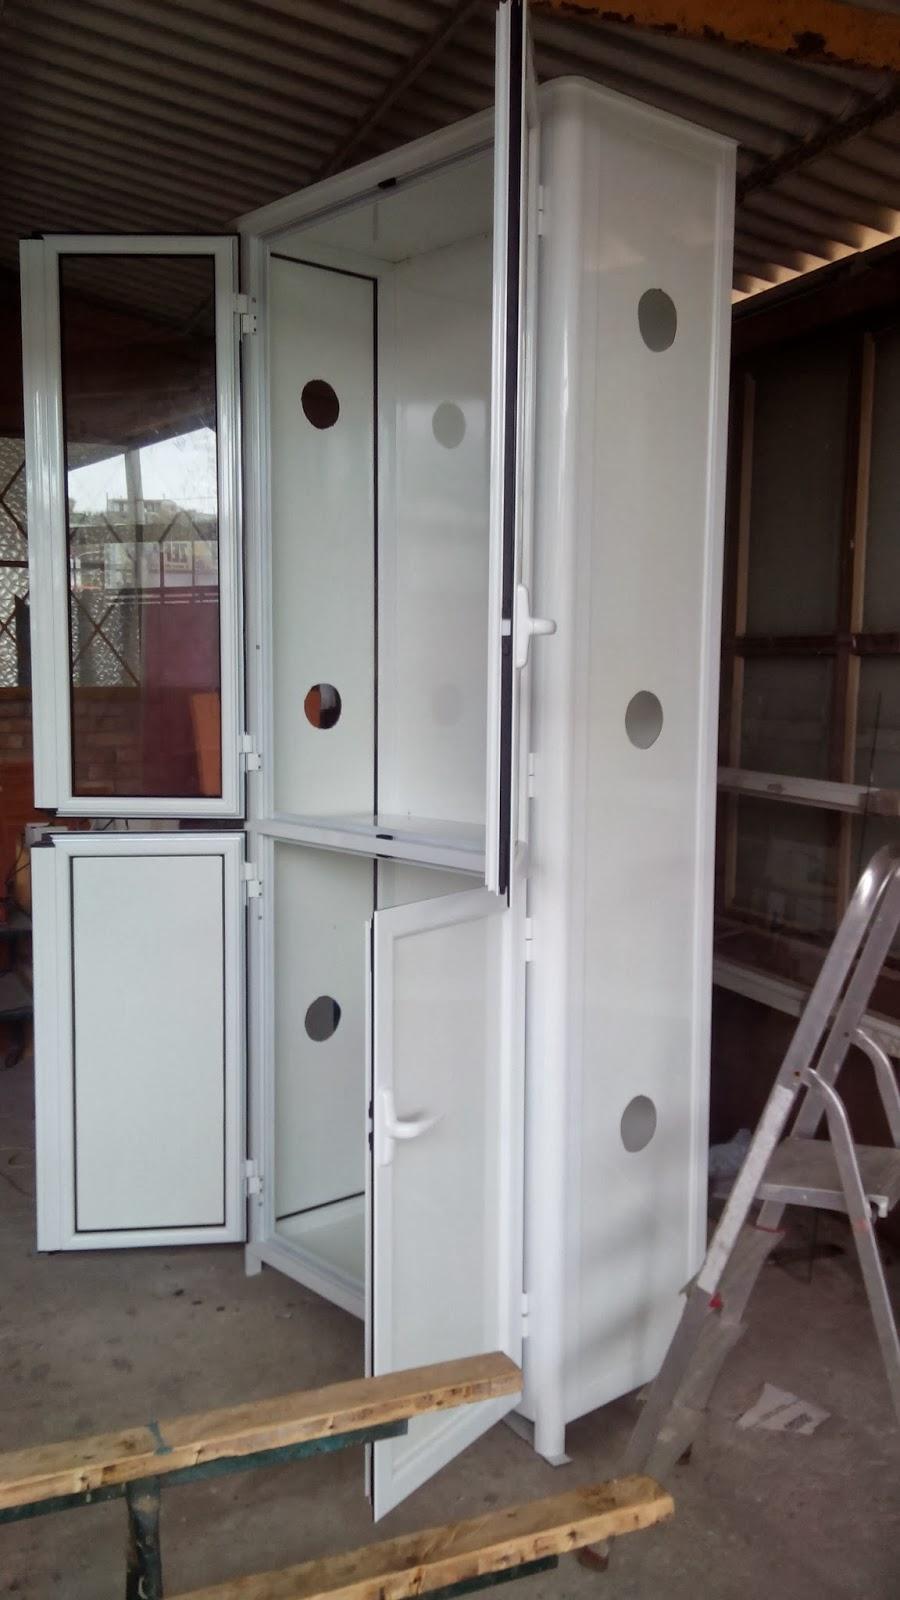 Infissi in alluminio armadio per esterno - Armadi per esterno in legno ...